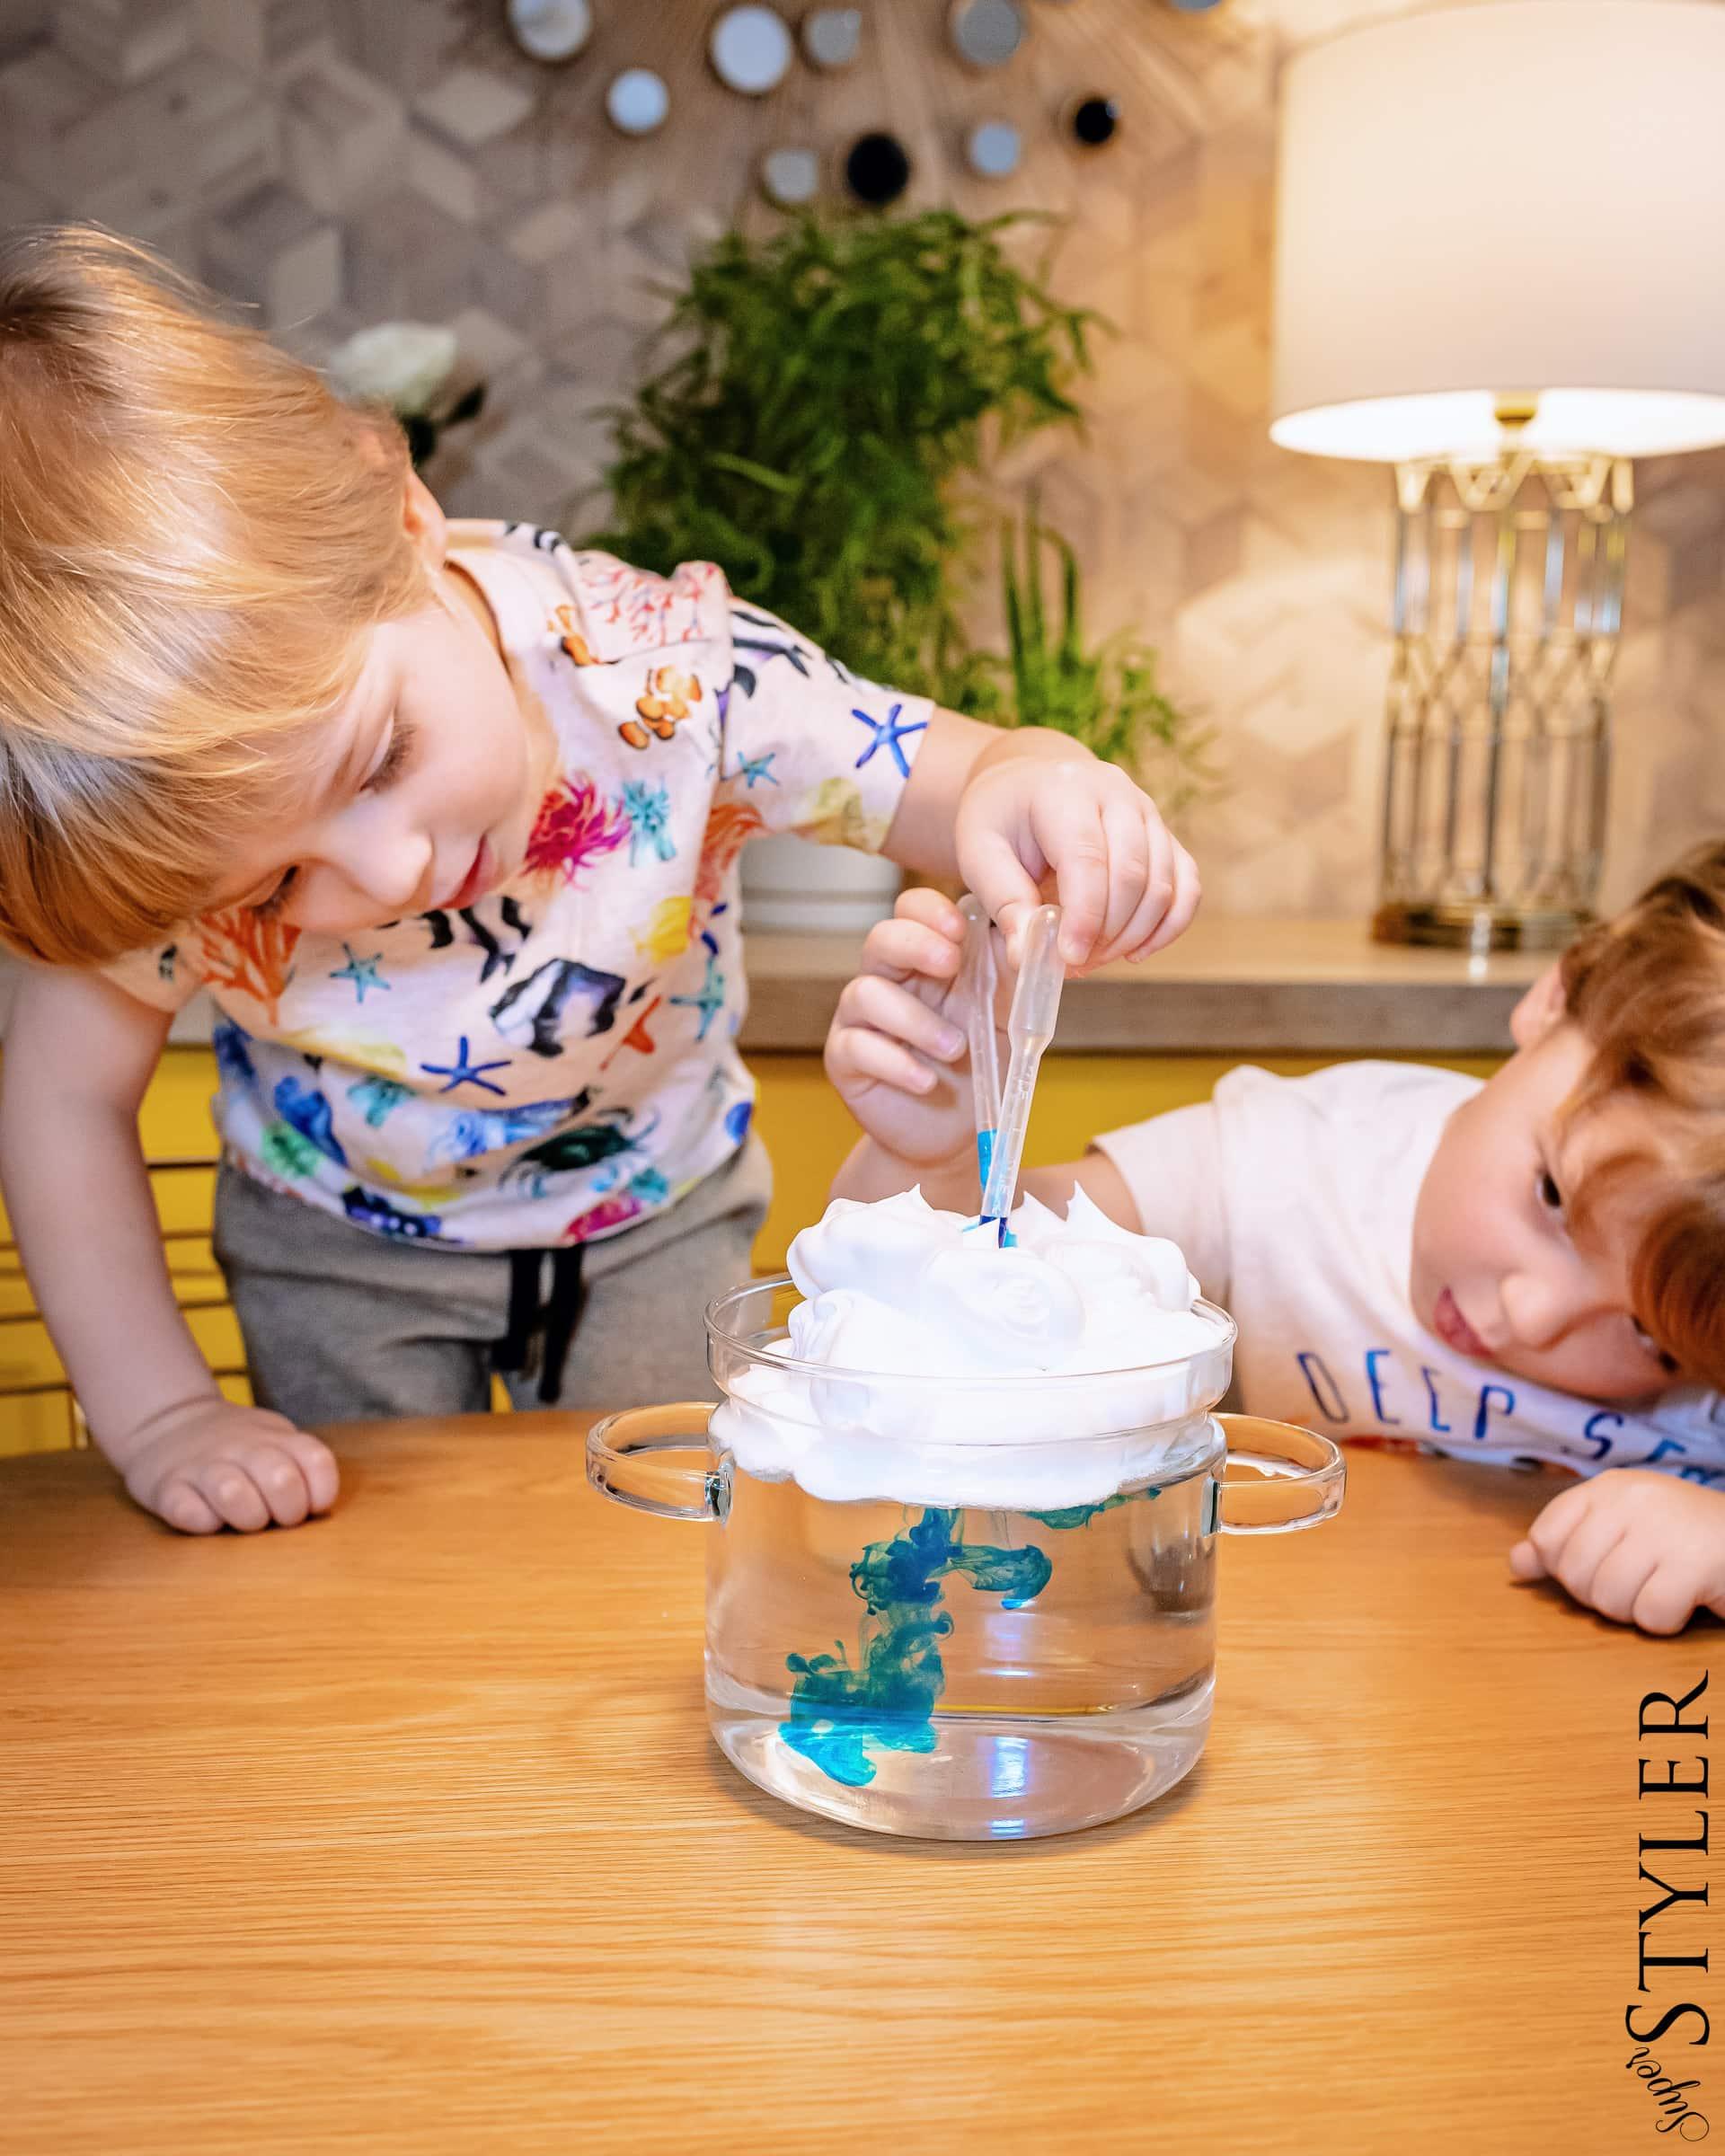 eksperymenty dla dzieci - deszcz w słoiku